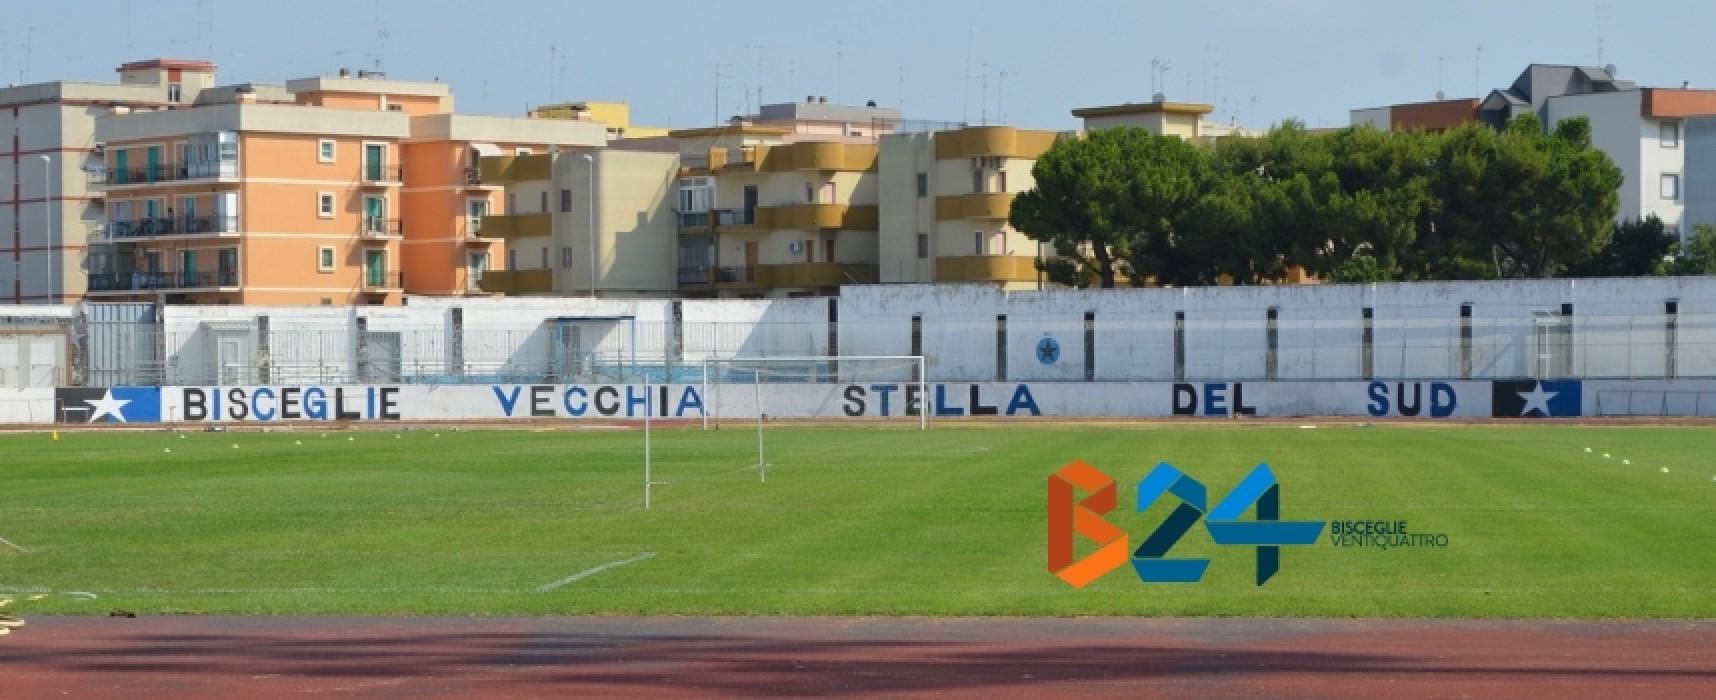 Bisceglie-Lecce a porte chiuse per criticità strutturali dello stadio Gustavo Ventura